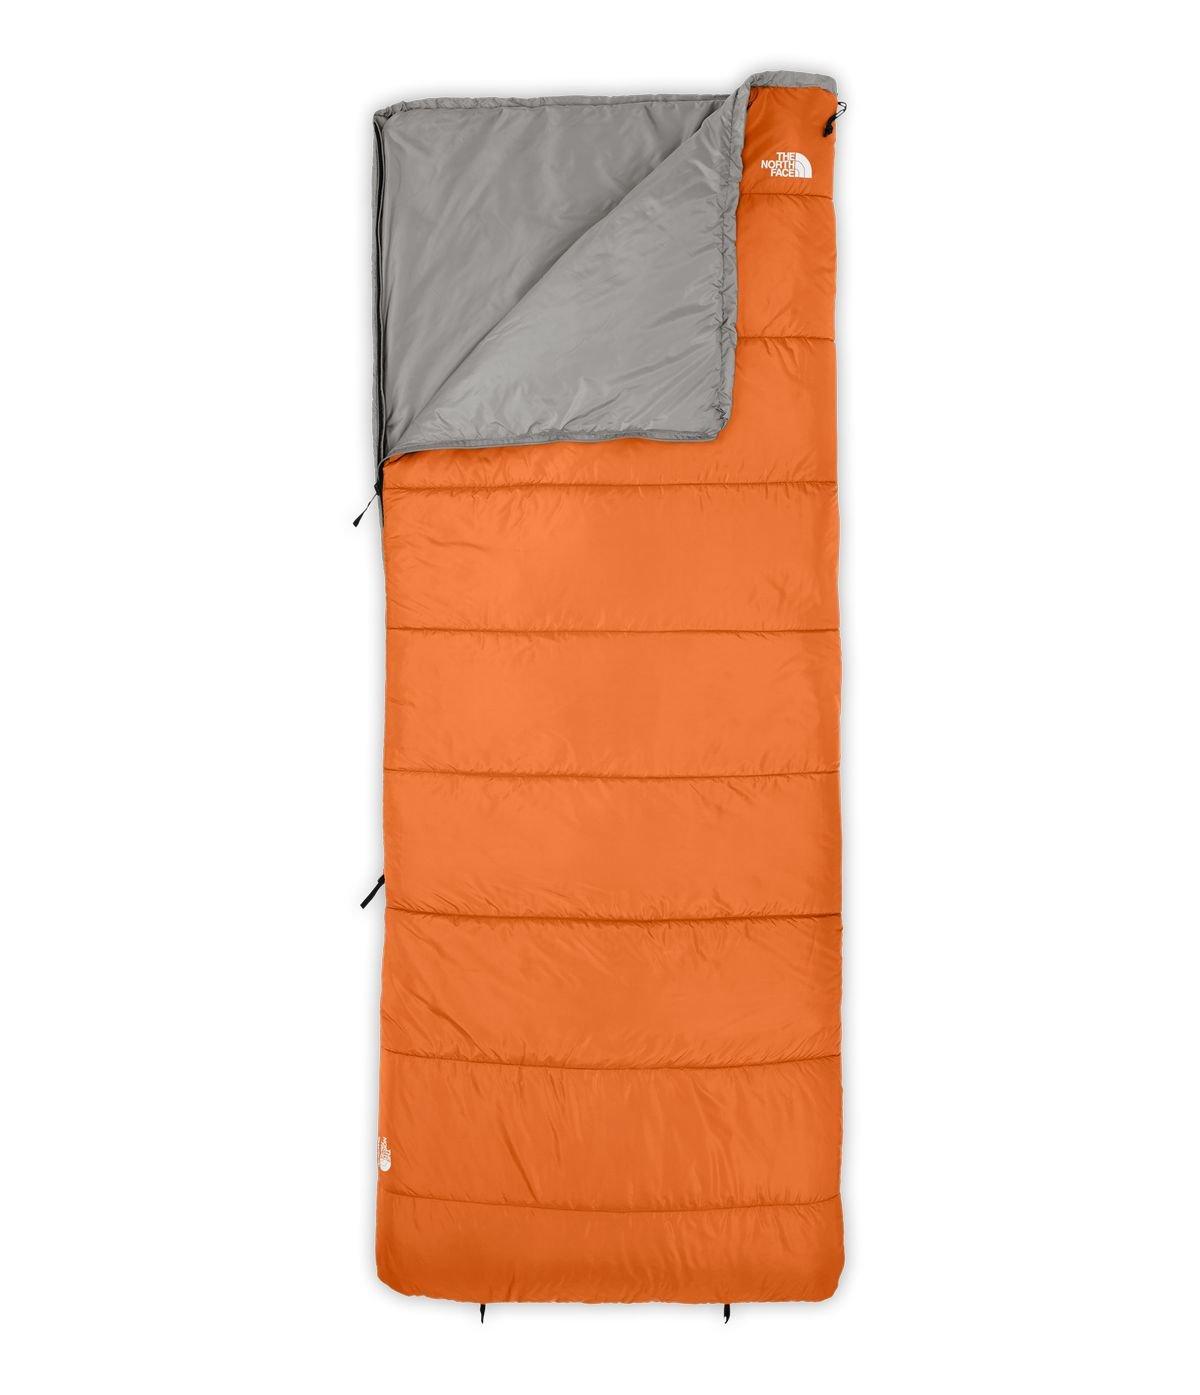 The North Face Wasatch 45 Rectangular Saco de Dormir otoñal Naranja/Zinc Gris Regular: Amazon.es: Deportes y aire libre